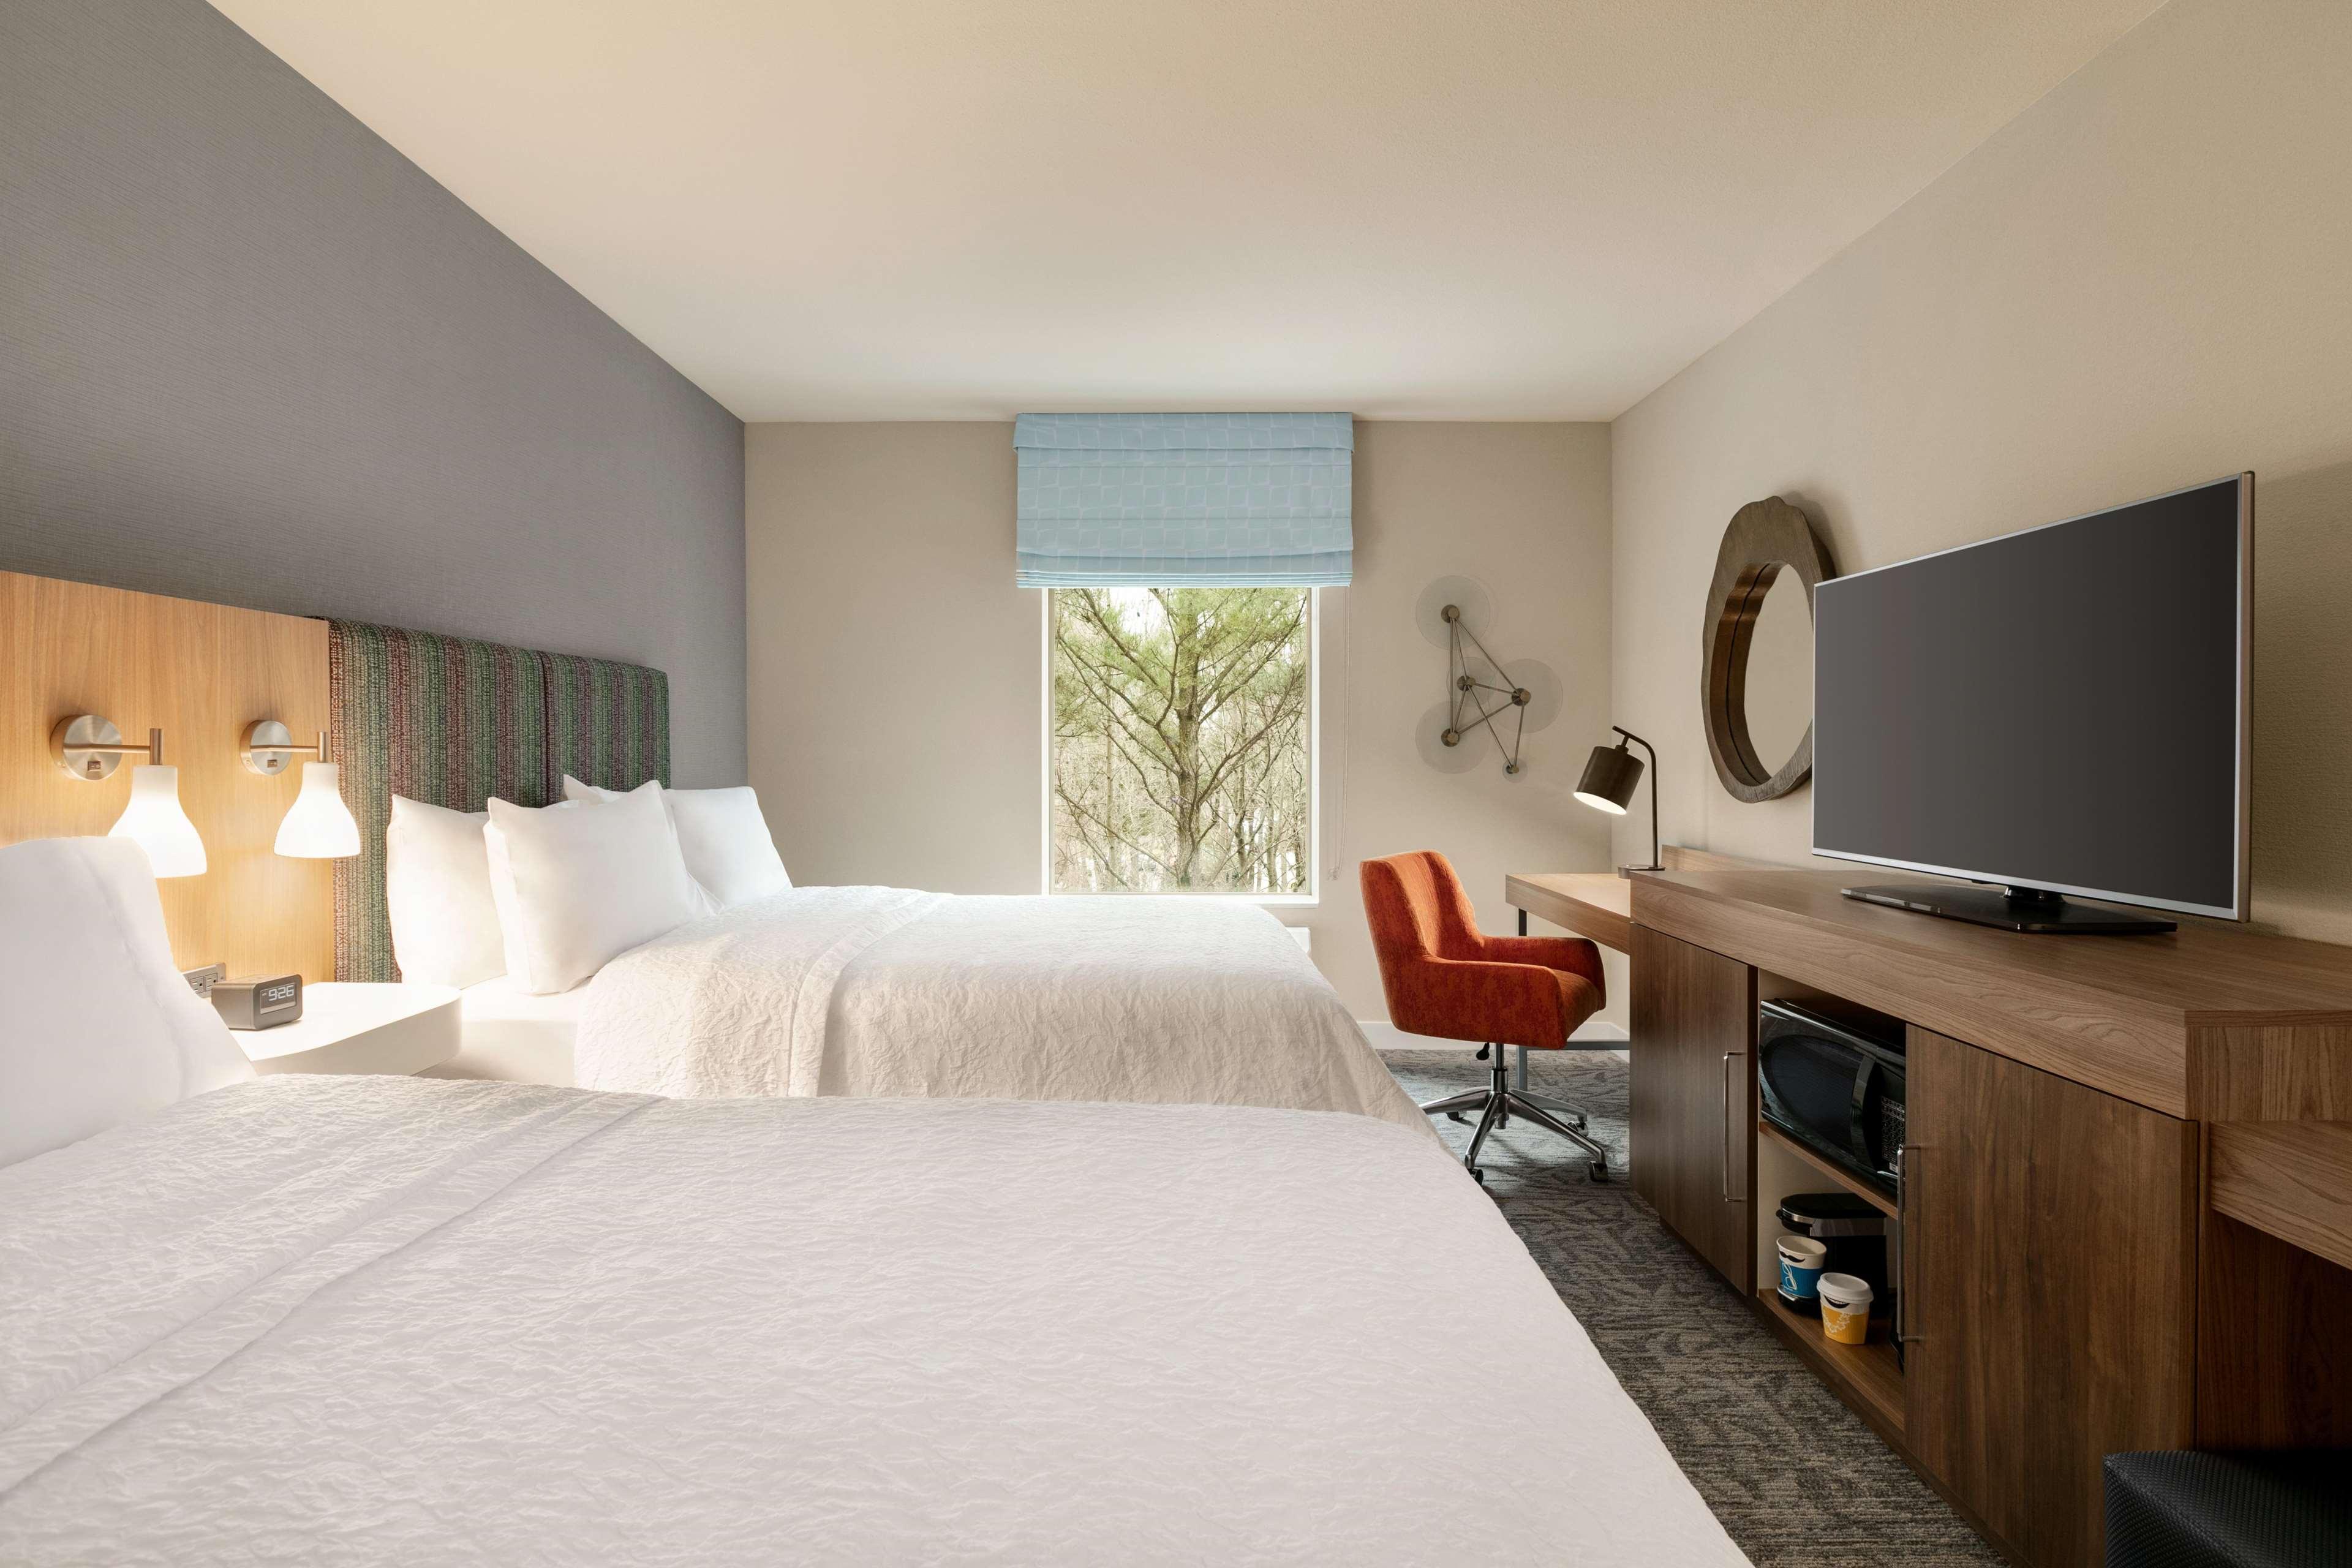 Hampton Inn and Suites Johns Creek image 14